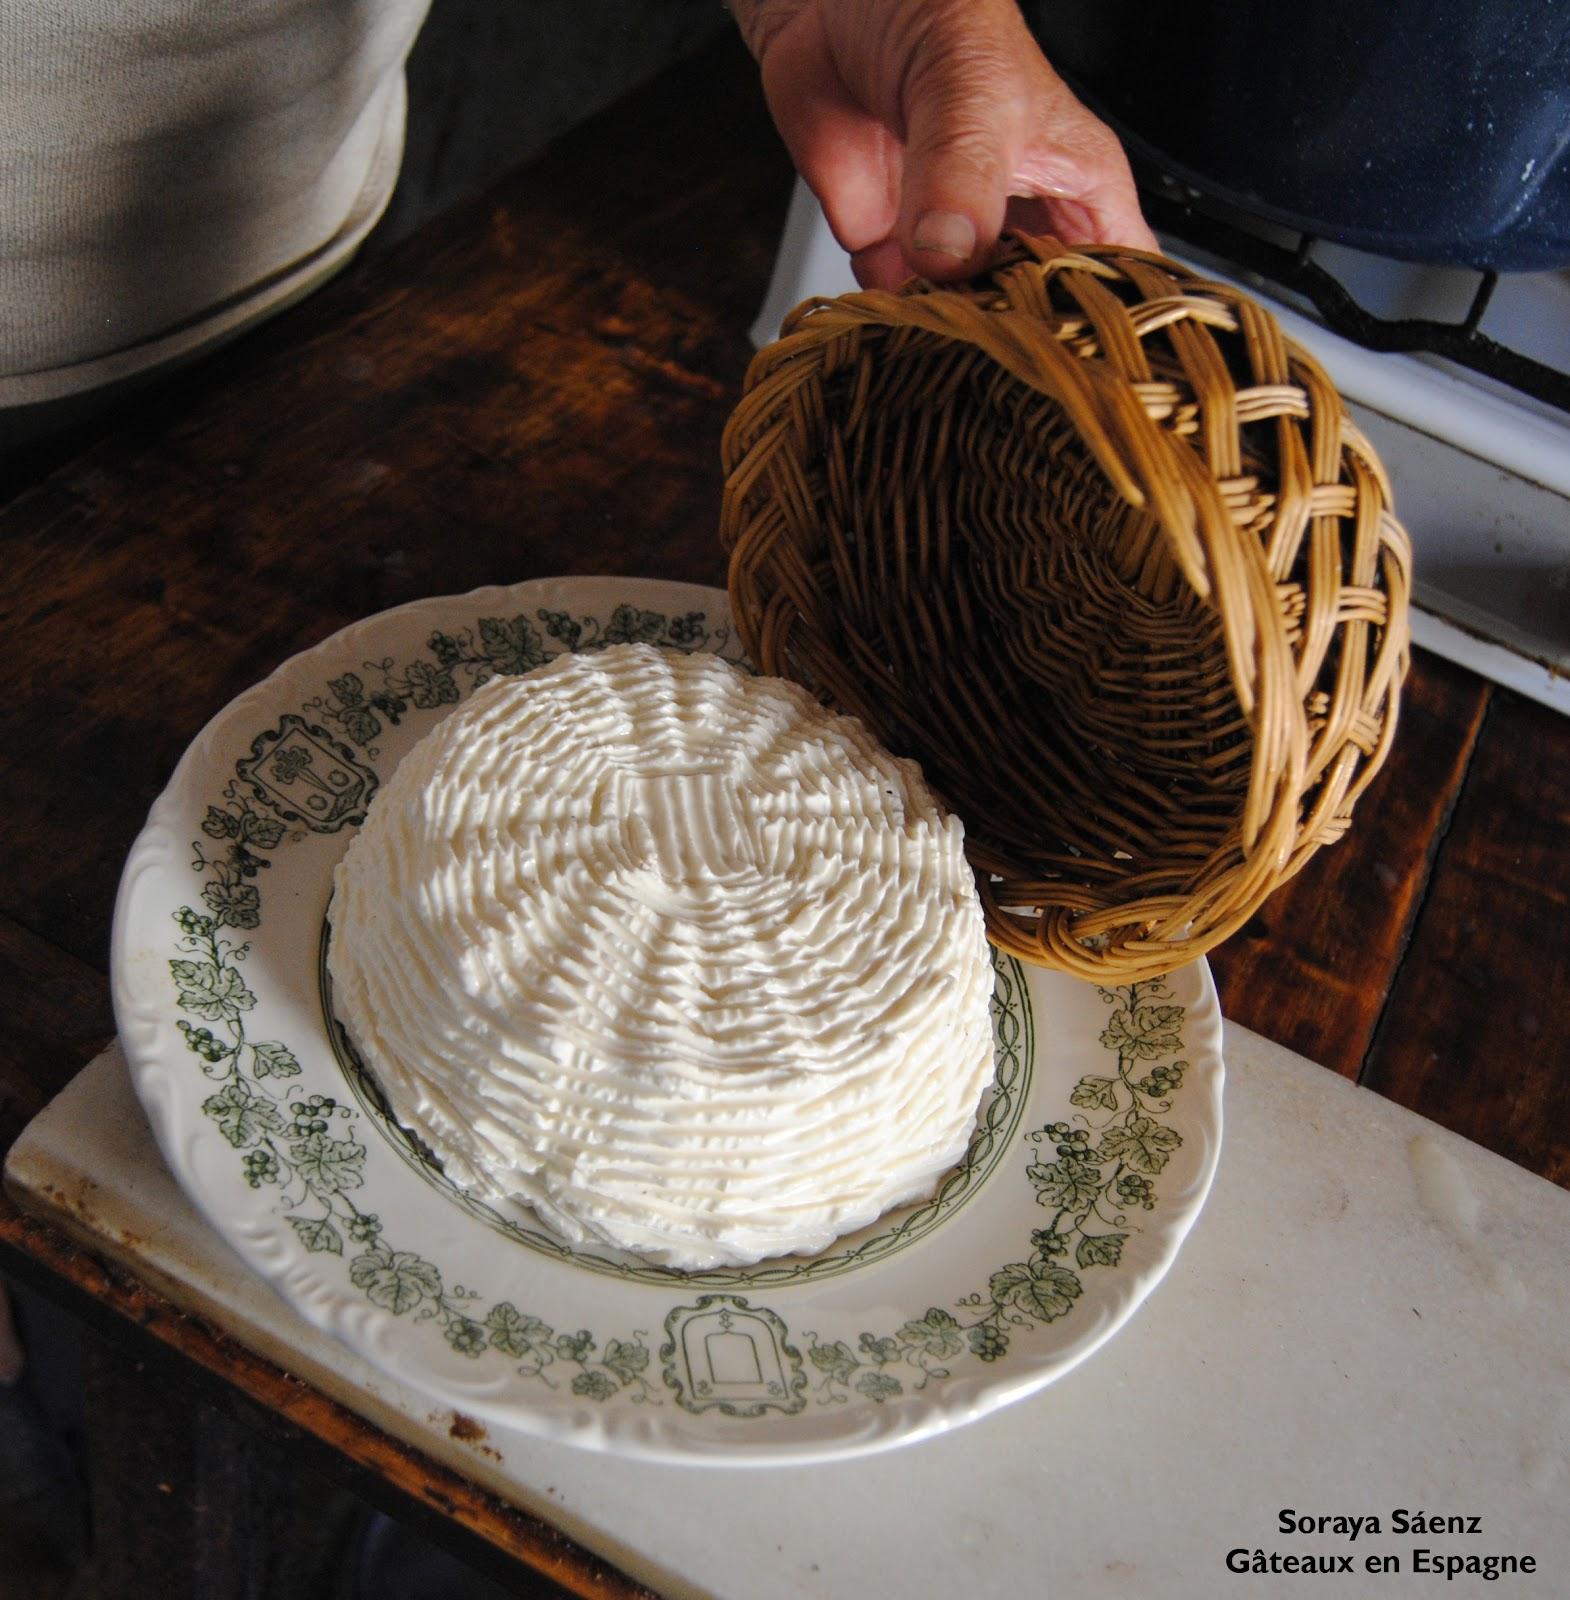 g teaux en espagne comment faire du fromage de ch vre la maison. Black Bedroom Furniture Sets. Home Design Ideas